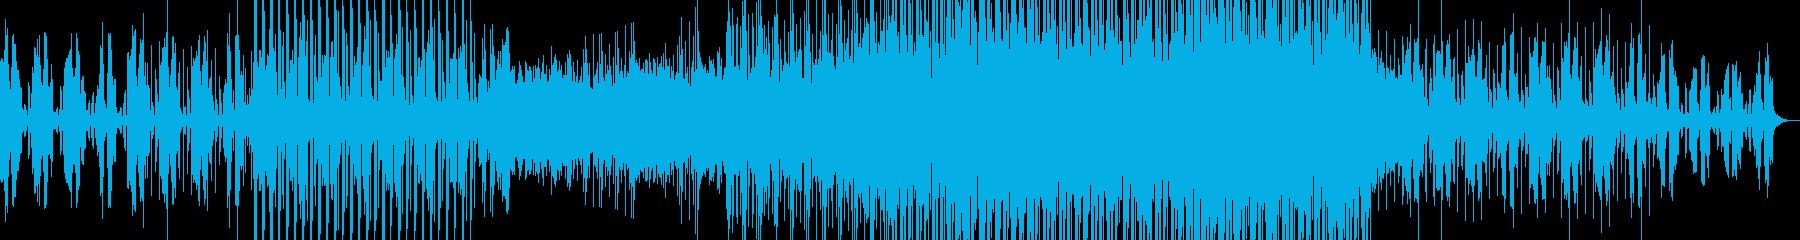 ハウス系EDMの再生済みの波形